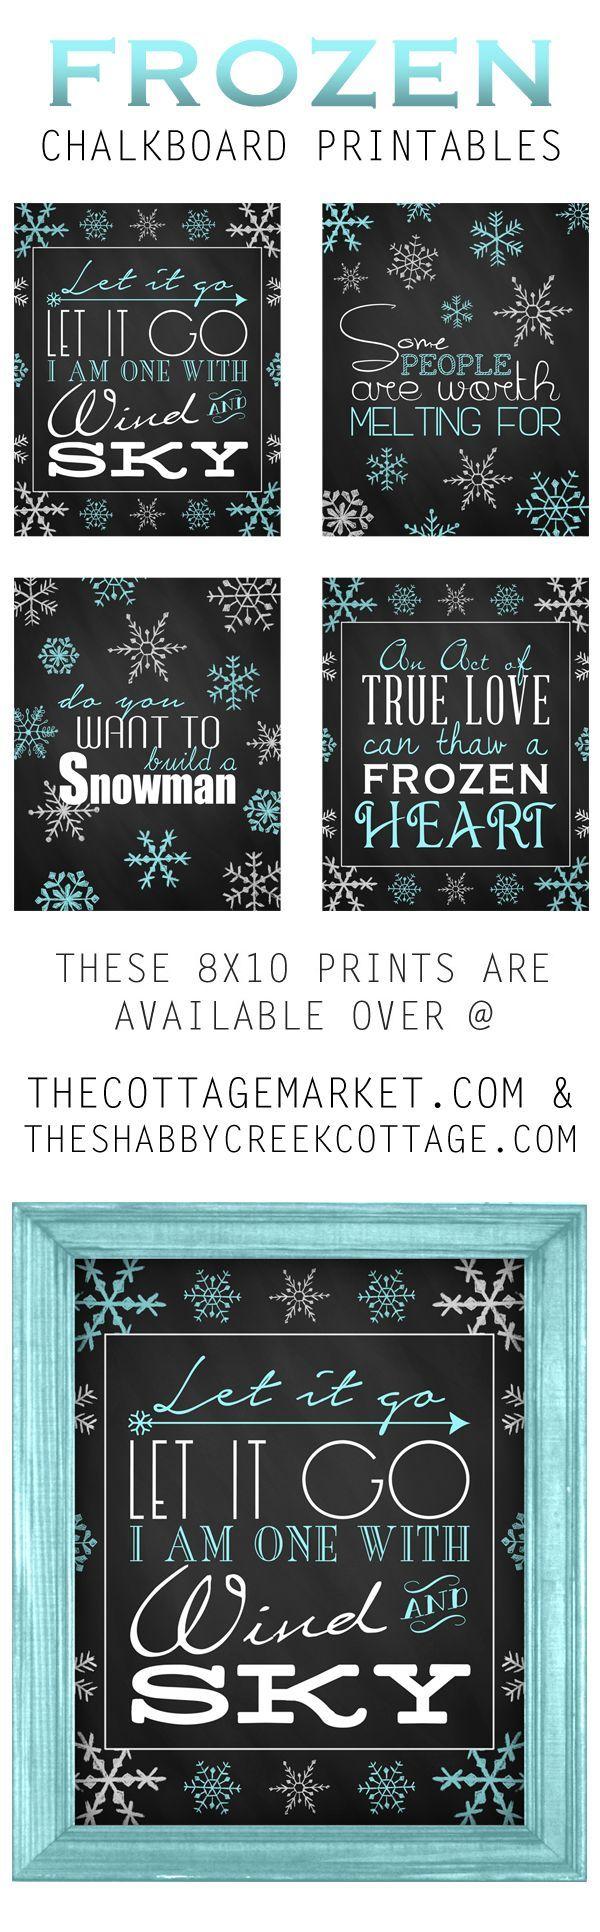 Free FROZEN chalkboard style printables!